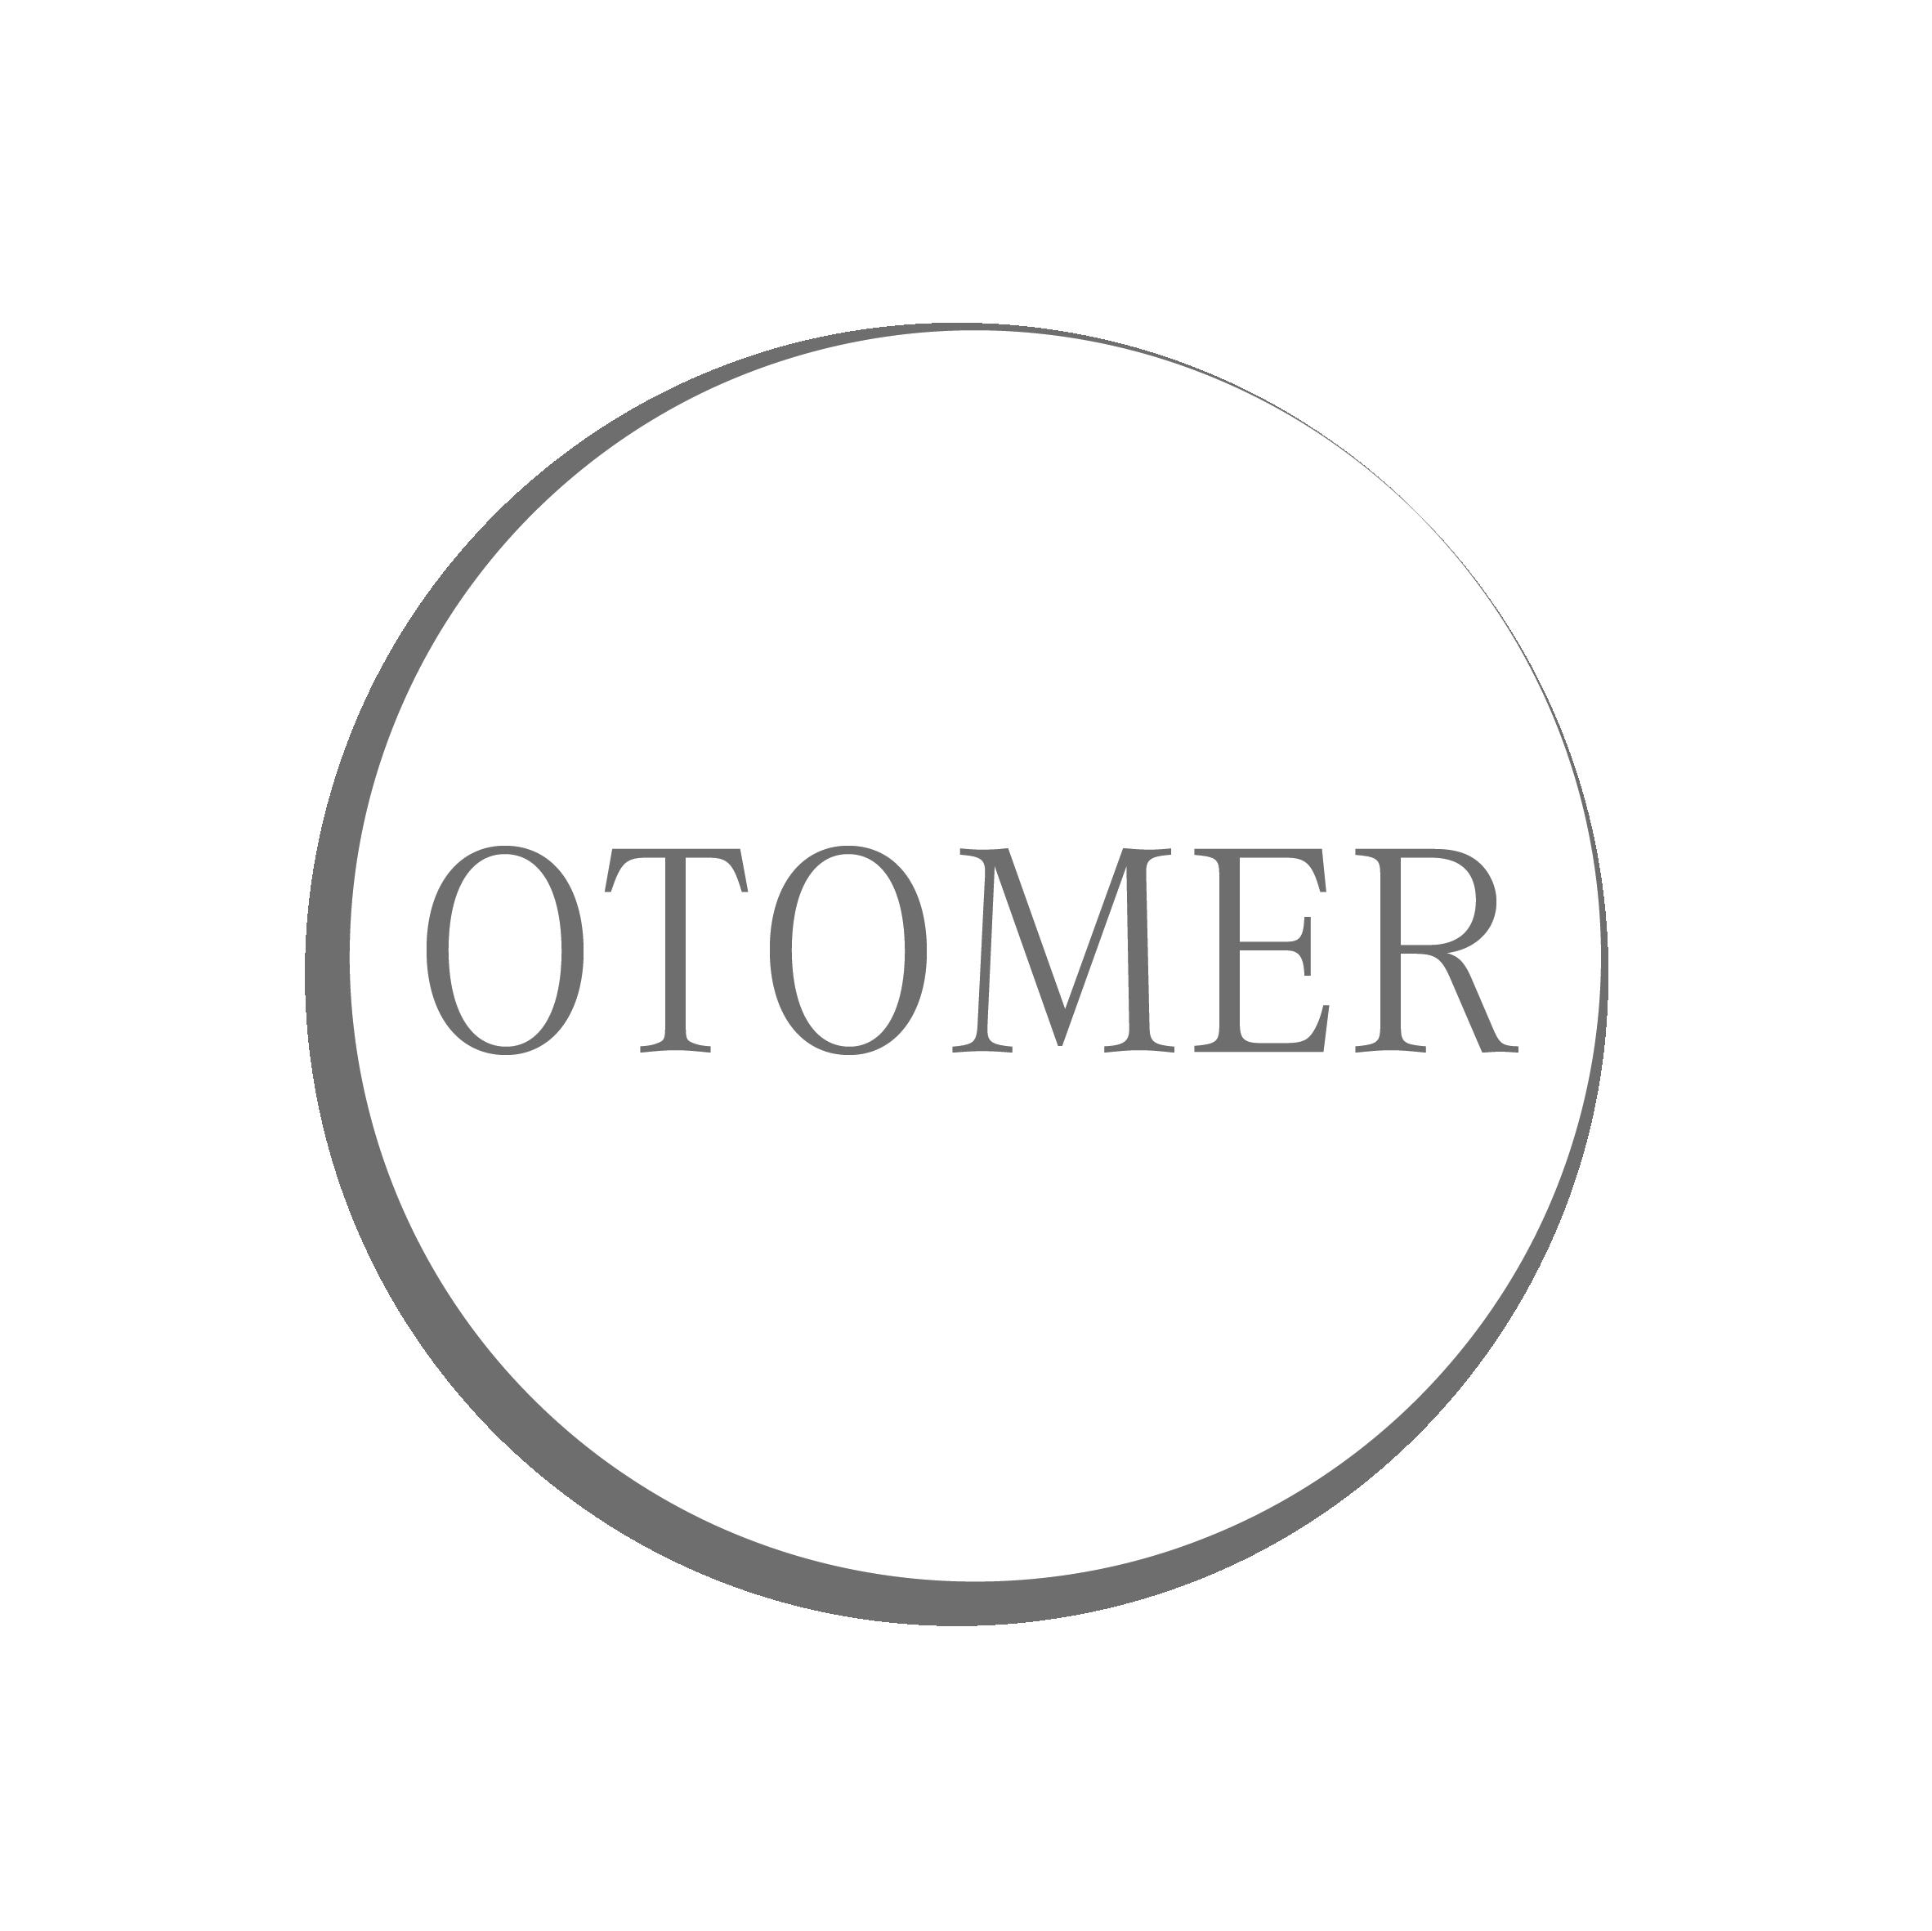 OTOMER_LOGO